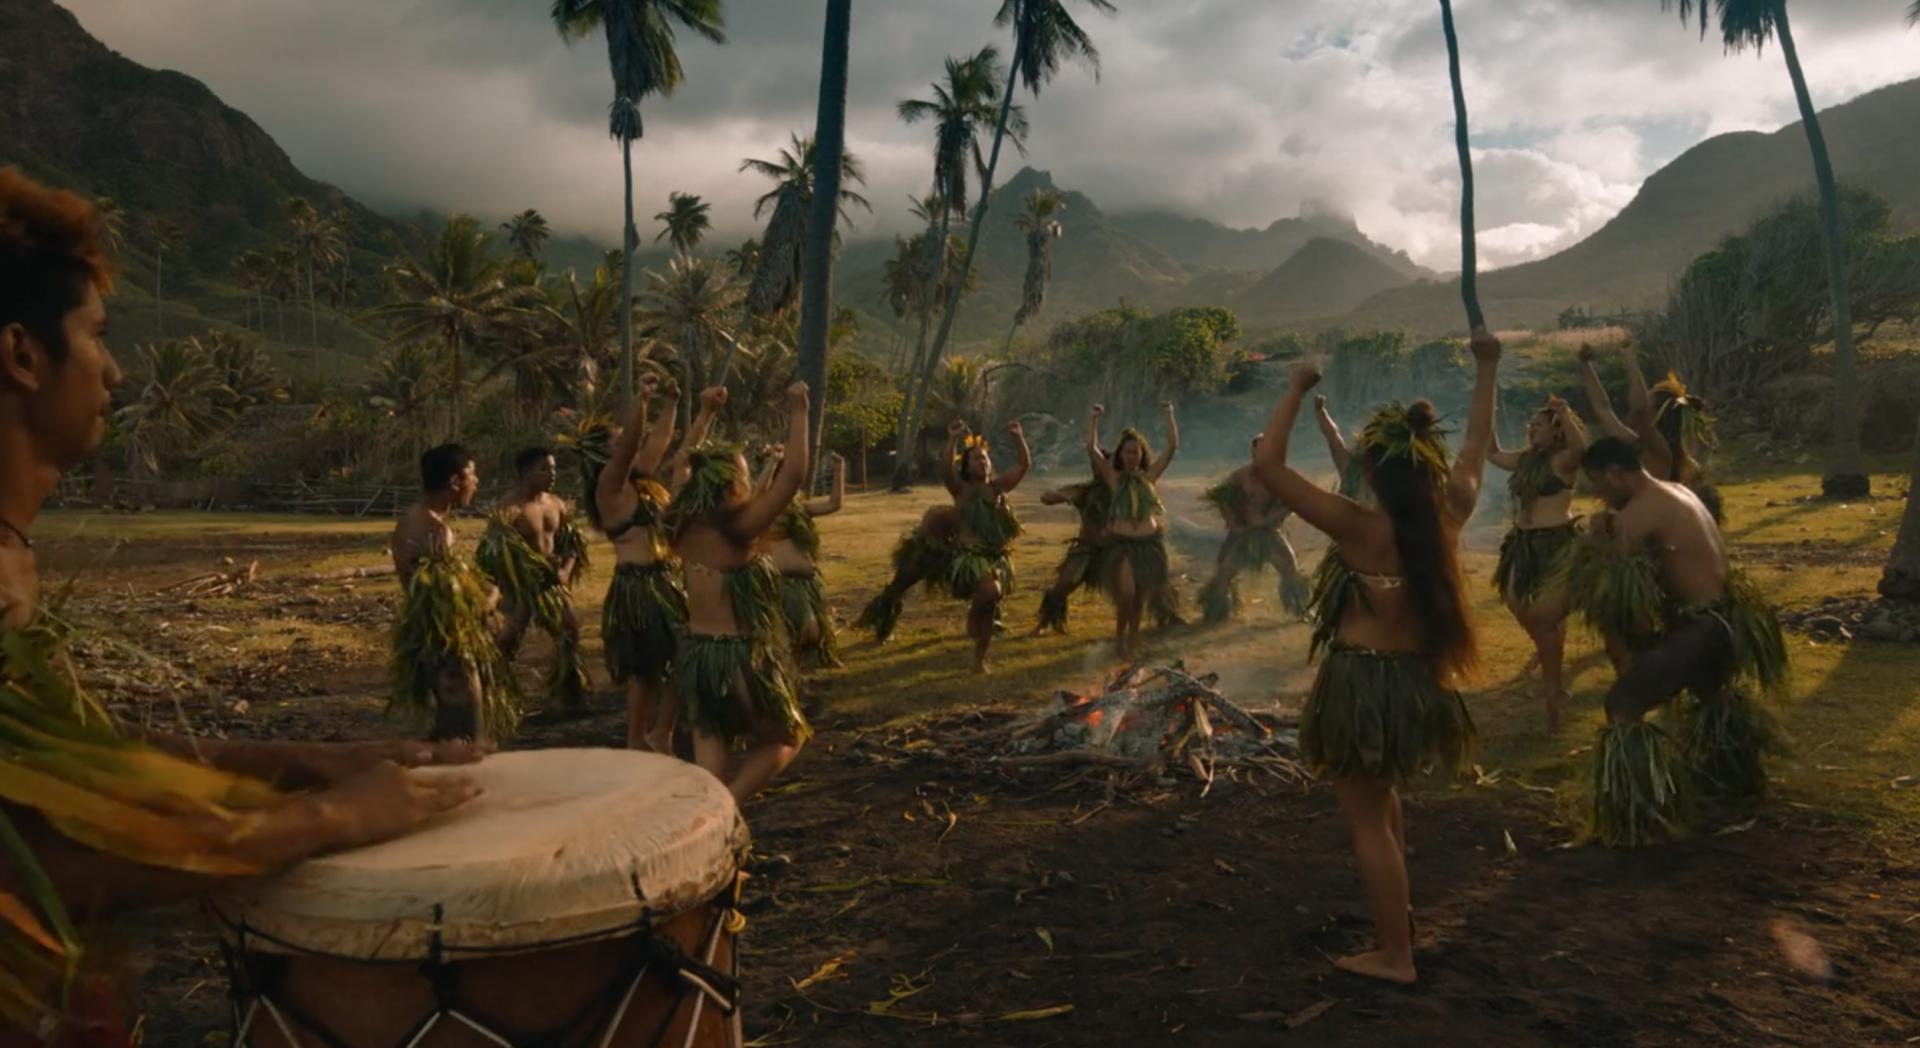 groupe de danse marquisien MOTU HAKA